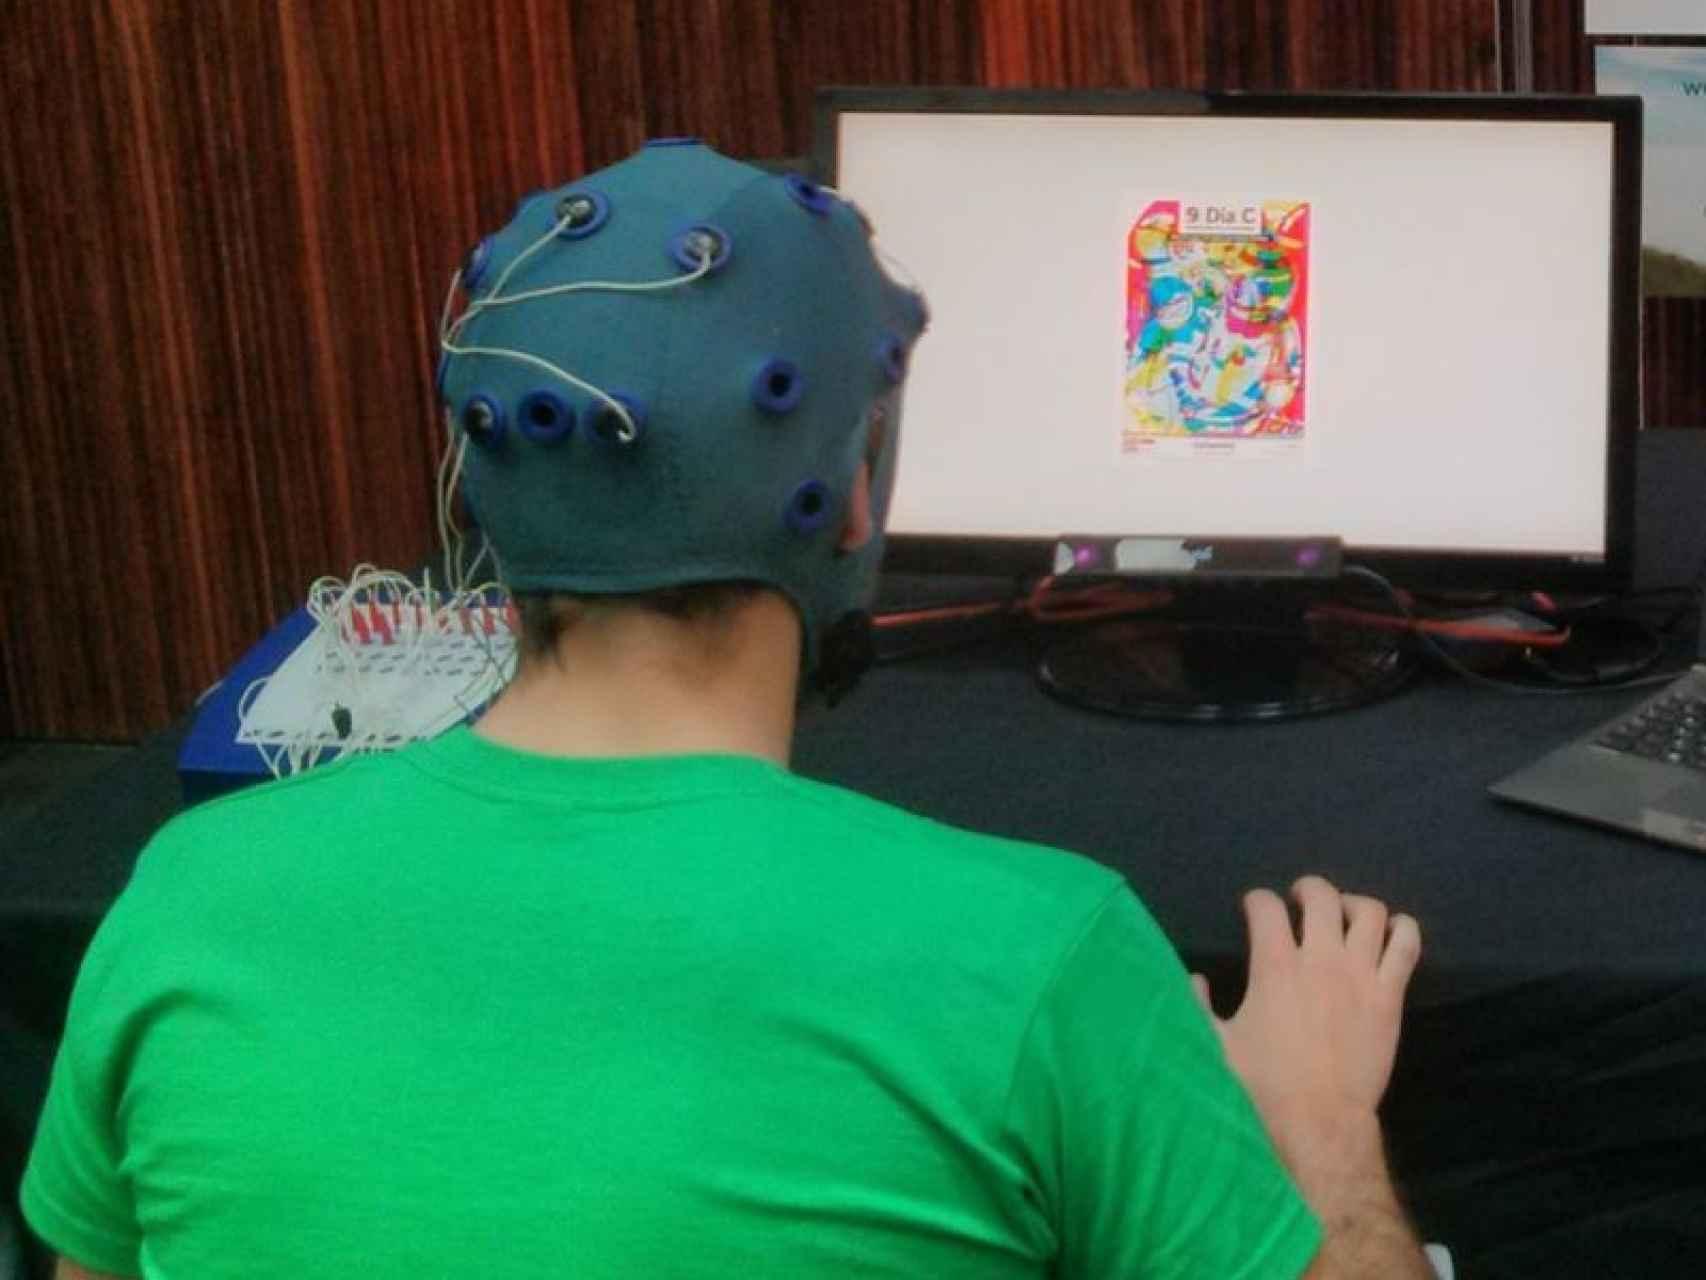 Un voluntario, monitorizado mientras ve un anuncio.